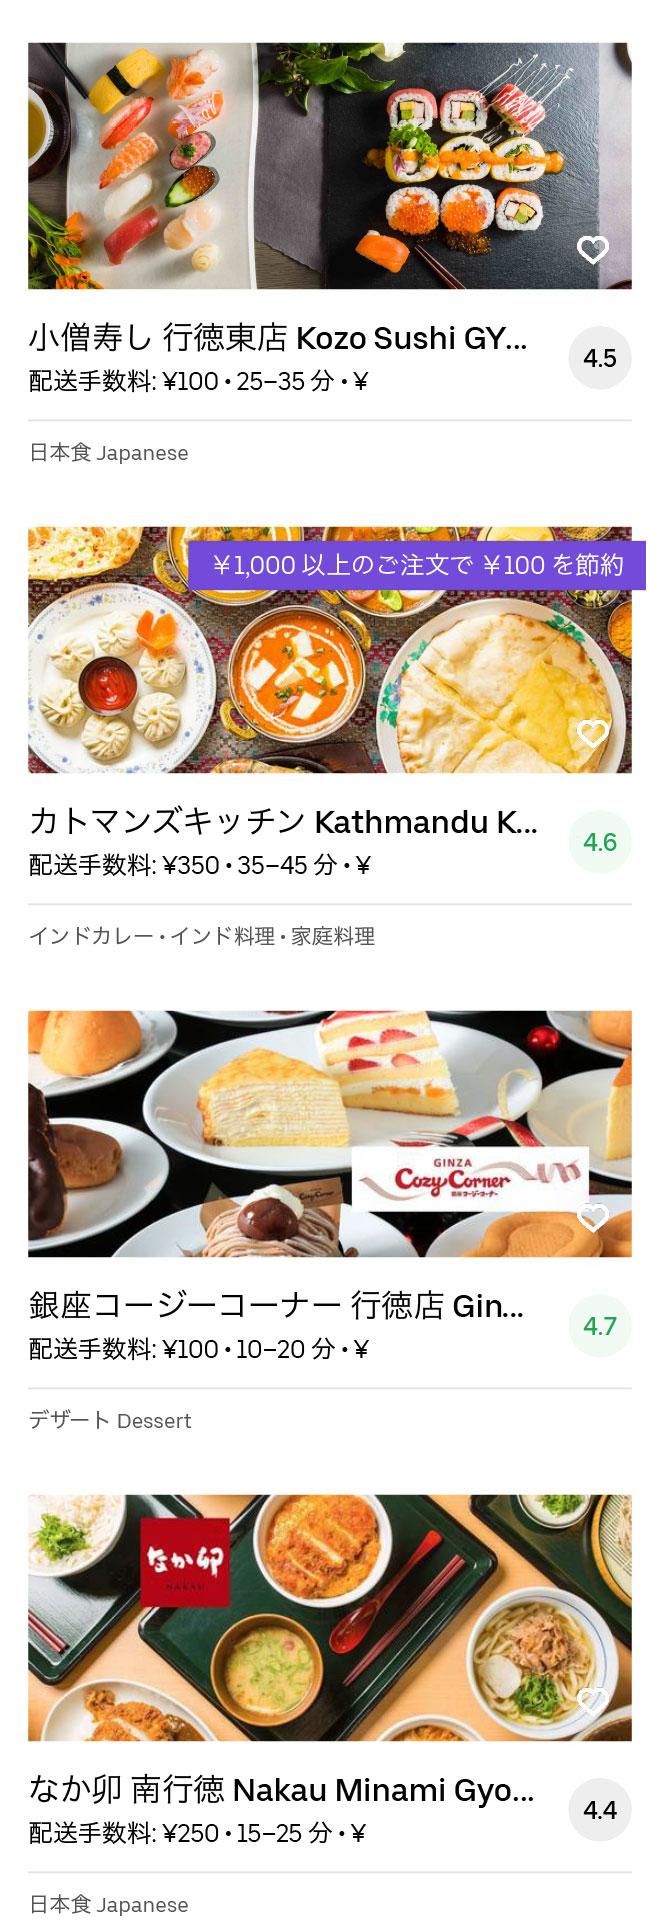 Ichikawa gyotoku menu 2004 06